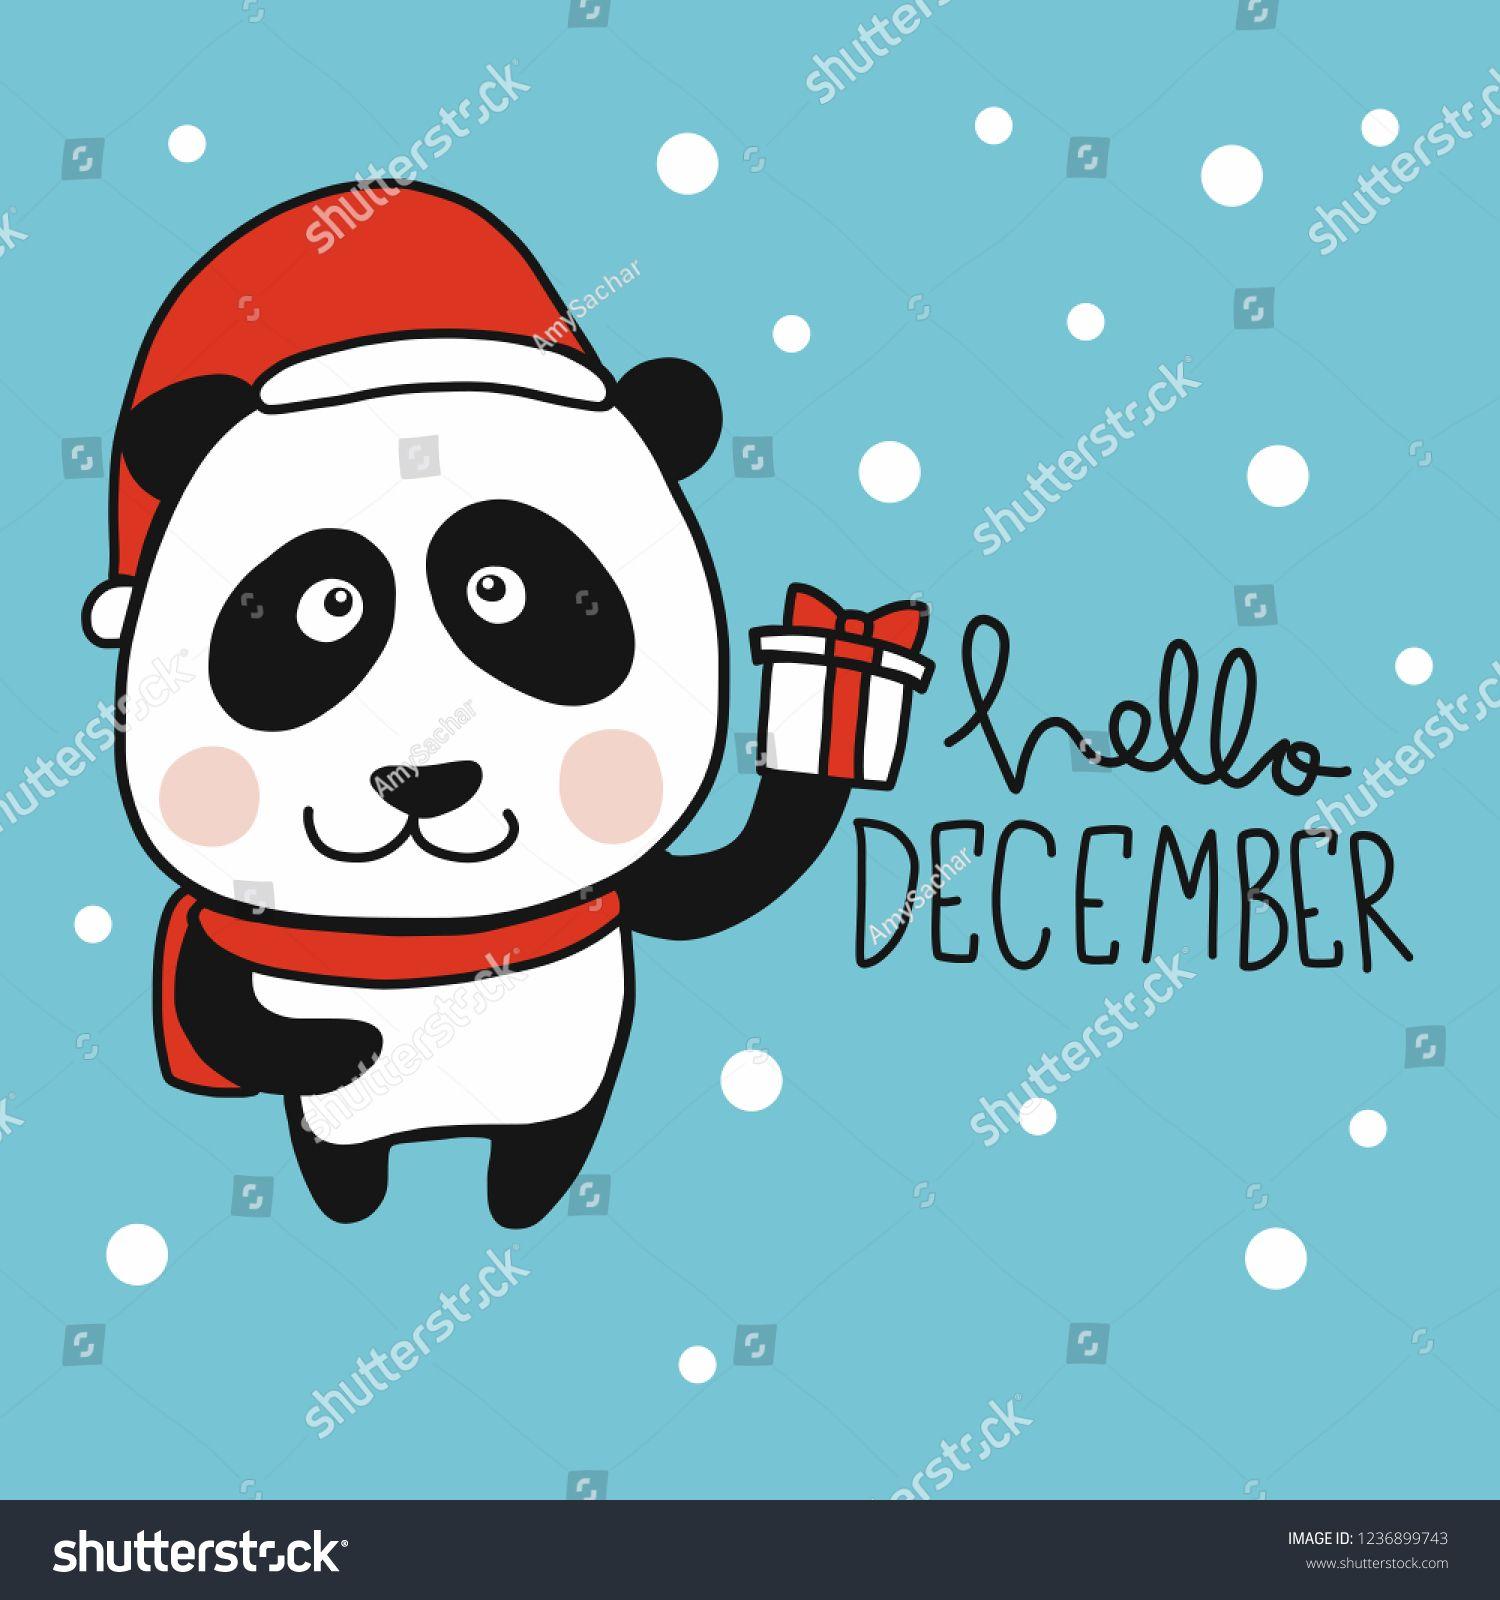 Image vectorielle de stock de Hello December Panda Santa Cartoon Vector 1236899743 #hellodecember